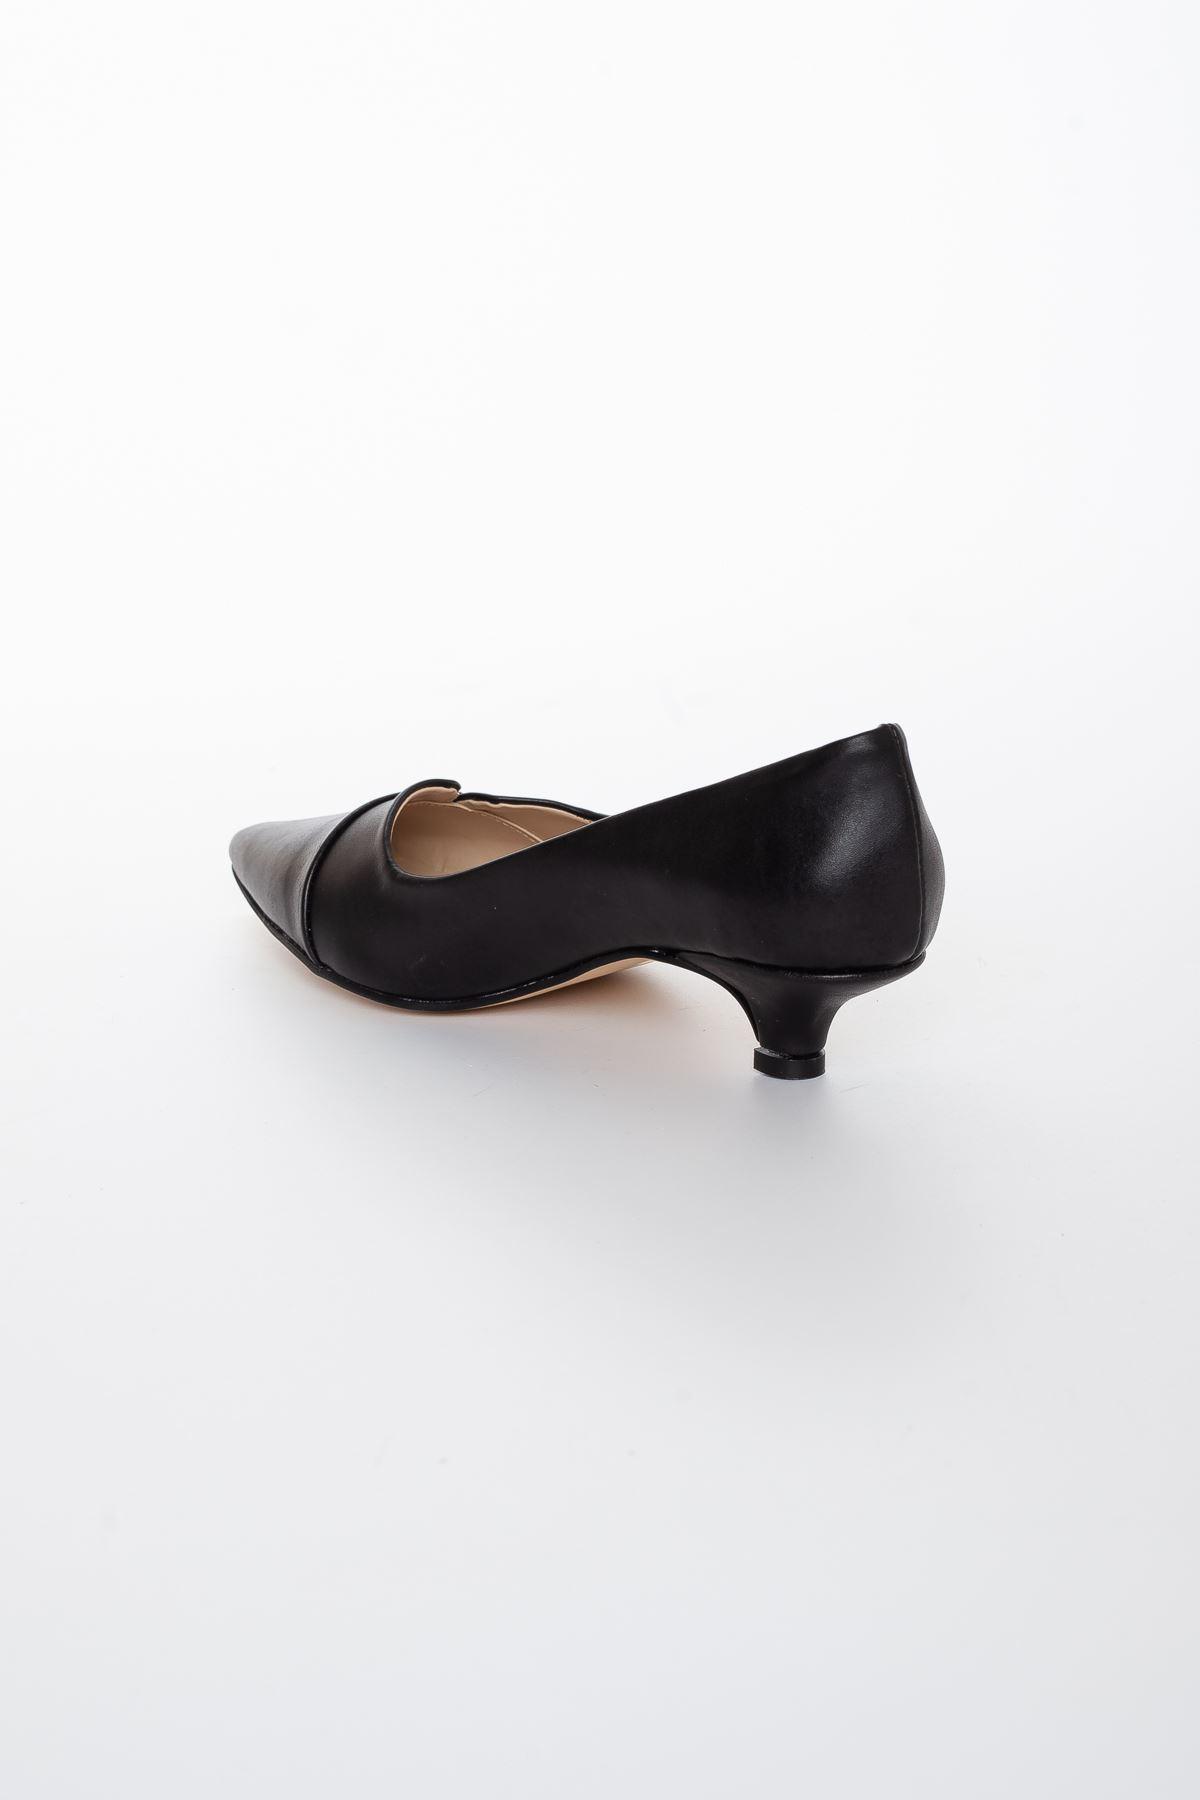 Maksi Topuklu Ayakkabı SİYAH CİLT